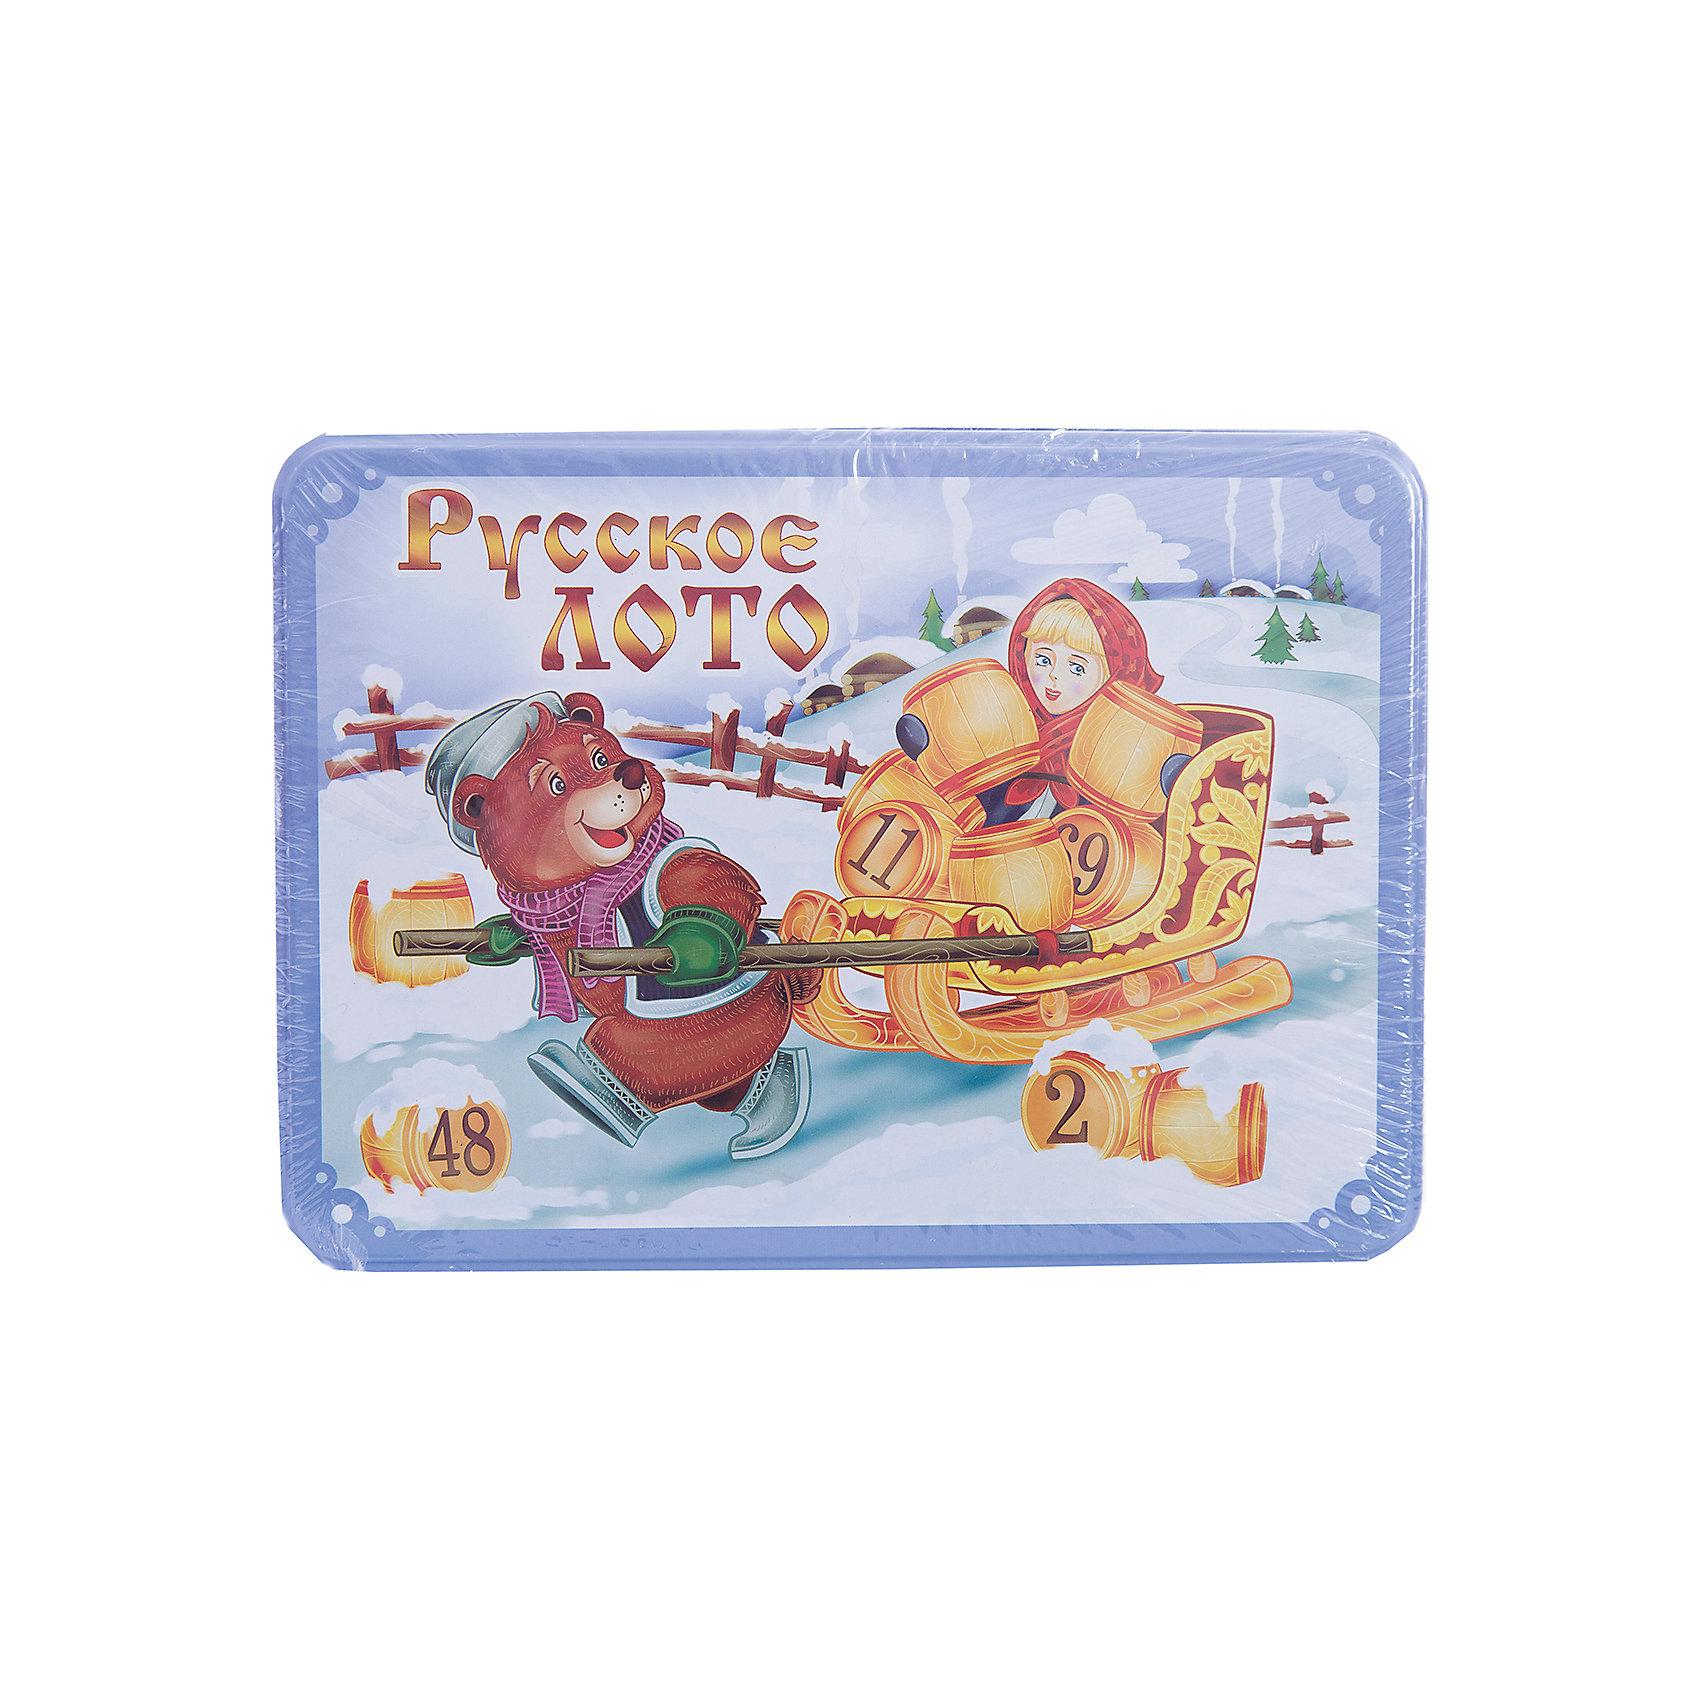 Русское лото в коробке Масленица, Десятое королевствоРусское лото в коробке Масленица, Десятое королевство<br><br>Характеристики: <br><br>• Возраст: от 7 лет<br>• Материал: картон, пластик, дерево, текстиль<br>• В комплекте: 24 карточки, 90 бочонков, 150 жетонов, 2 мешочка, жестяная коробка<br><br>Эта увлекательная старинная русская игра будет интересна детям от 7 лет. В комплекте идут 90 бочонков, 24 карточки, 150 жетонов, 2 мешочка и жестяная коробка, которая будет отлично смотреться в шкафу. Благодаря простоте ее правил и возможности играть в компании, лото снискало себе популярность у людей всех возрастов. <br><br>Русское лото в коробке Масленица, Десятое королевство можно купить в нашем интернет-магазине.<br><br>Ширина мм: 225<br>Глубина мм: 165<br>Высота мм: 65<br>Вес г: 1037<br>Возраст от месяцев: 84<br>Возраст до месяцев: 2147483647<br>Пол: Унисекс<br>Возраст: Детский<br>SKU: 5473721